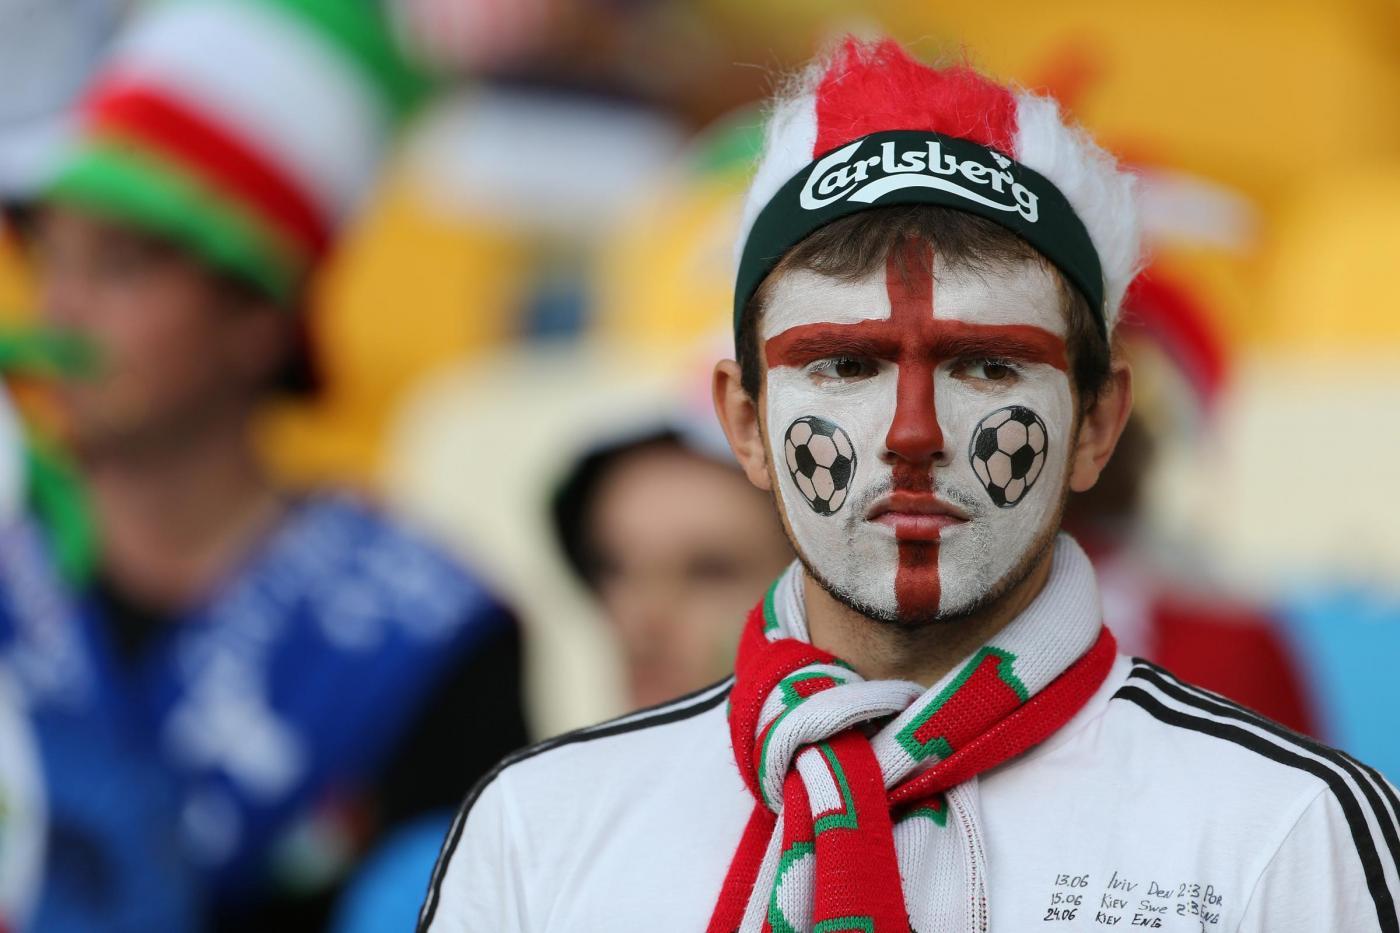 Inghilterra-Francia 18 giugno: si gioca per la prima giornata del gruppo C degli Europei Under 21. E' subito sfida tra squadre favorite.